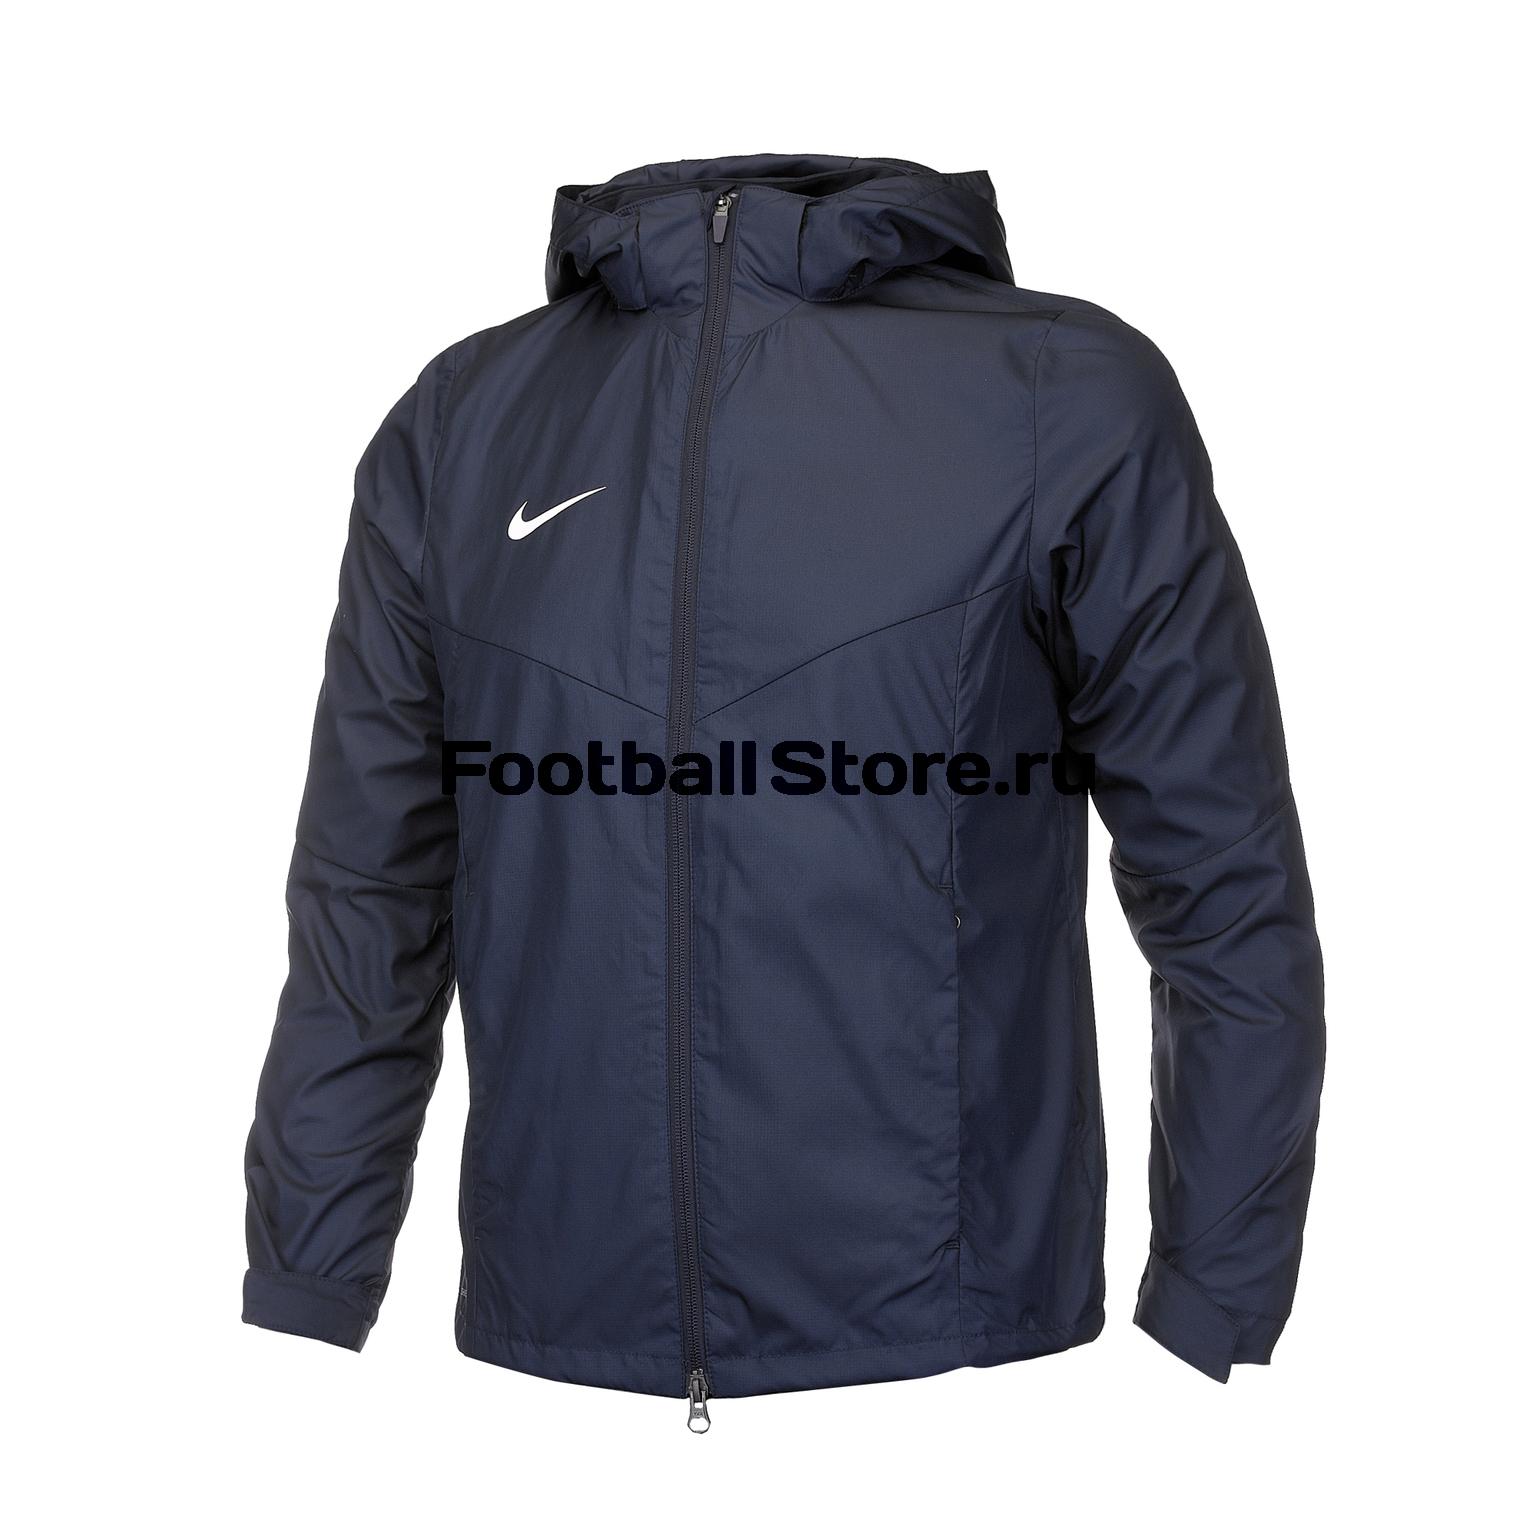 Куртка подростковая Nike Academy18 RN Jacket 893819-451 спортинвентарь nike чехол для iphone 6 на руку nike vapor flash arm band 2 0 n rn 50 078 os